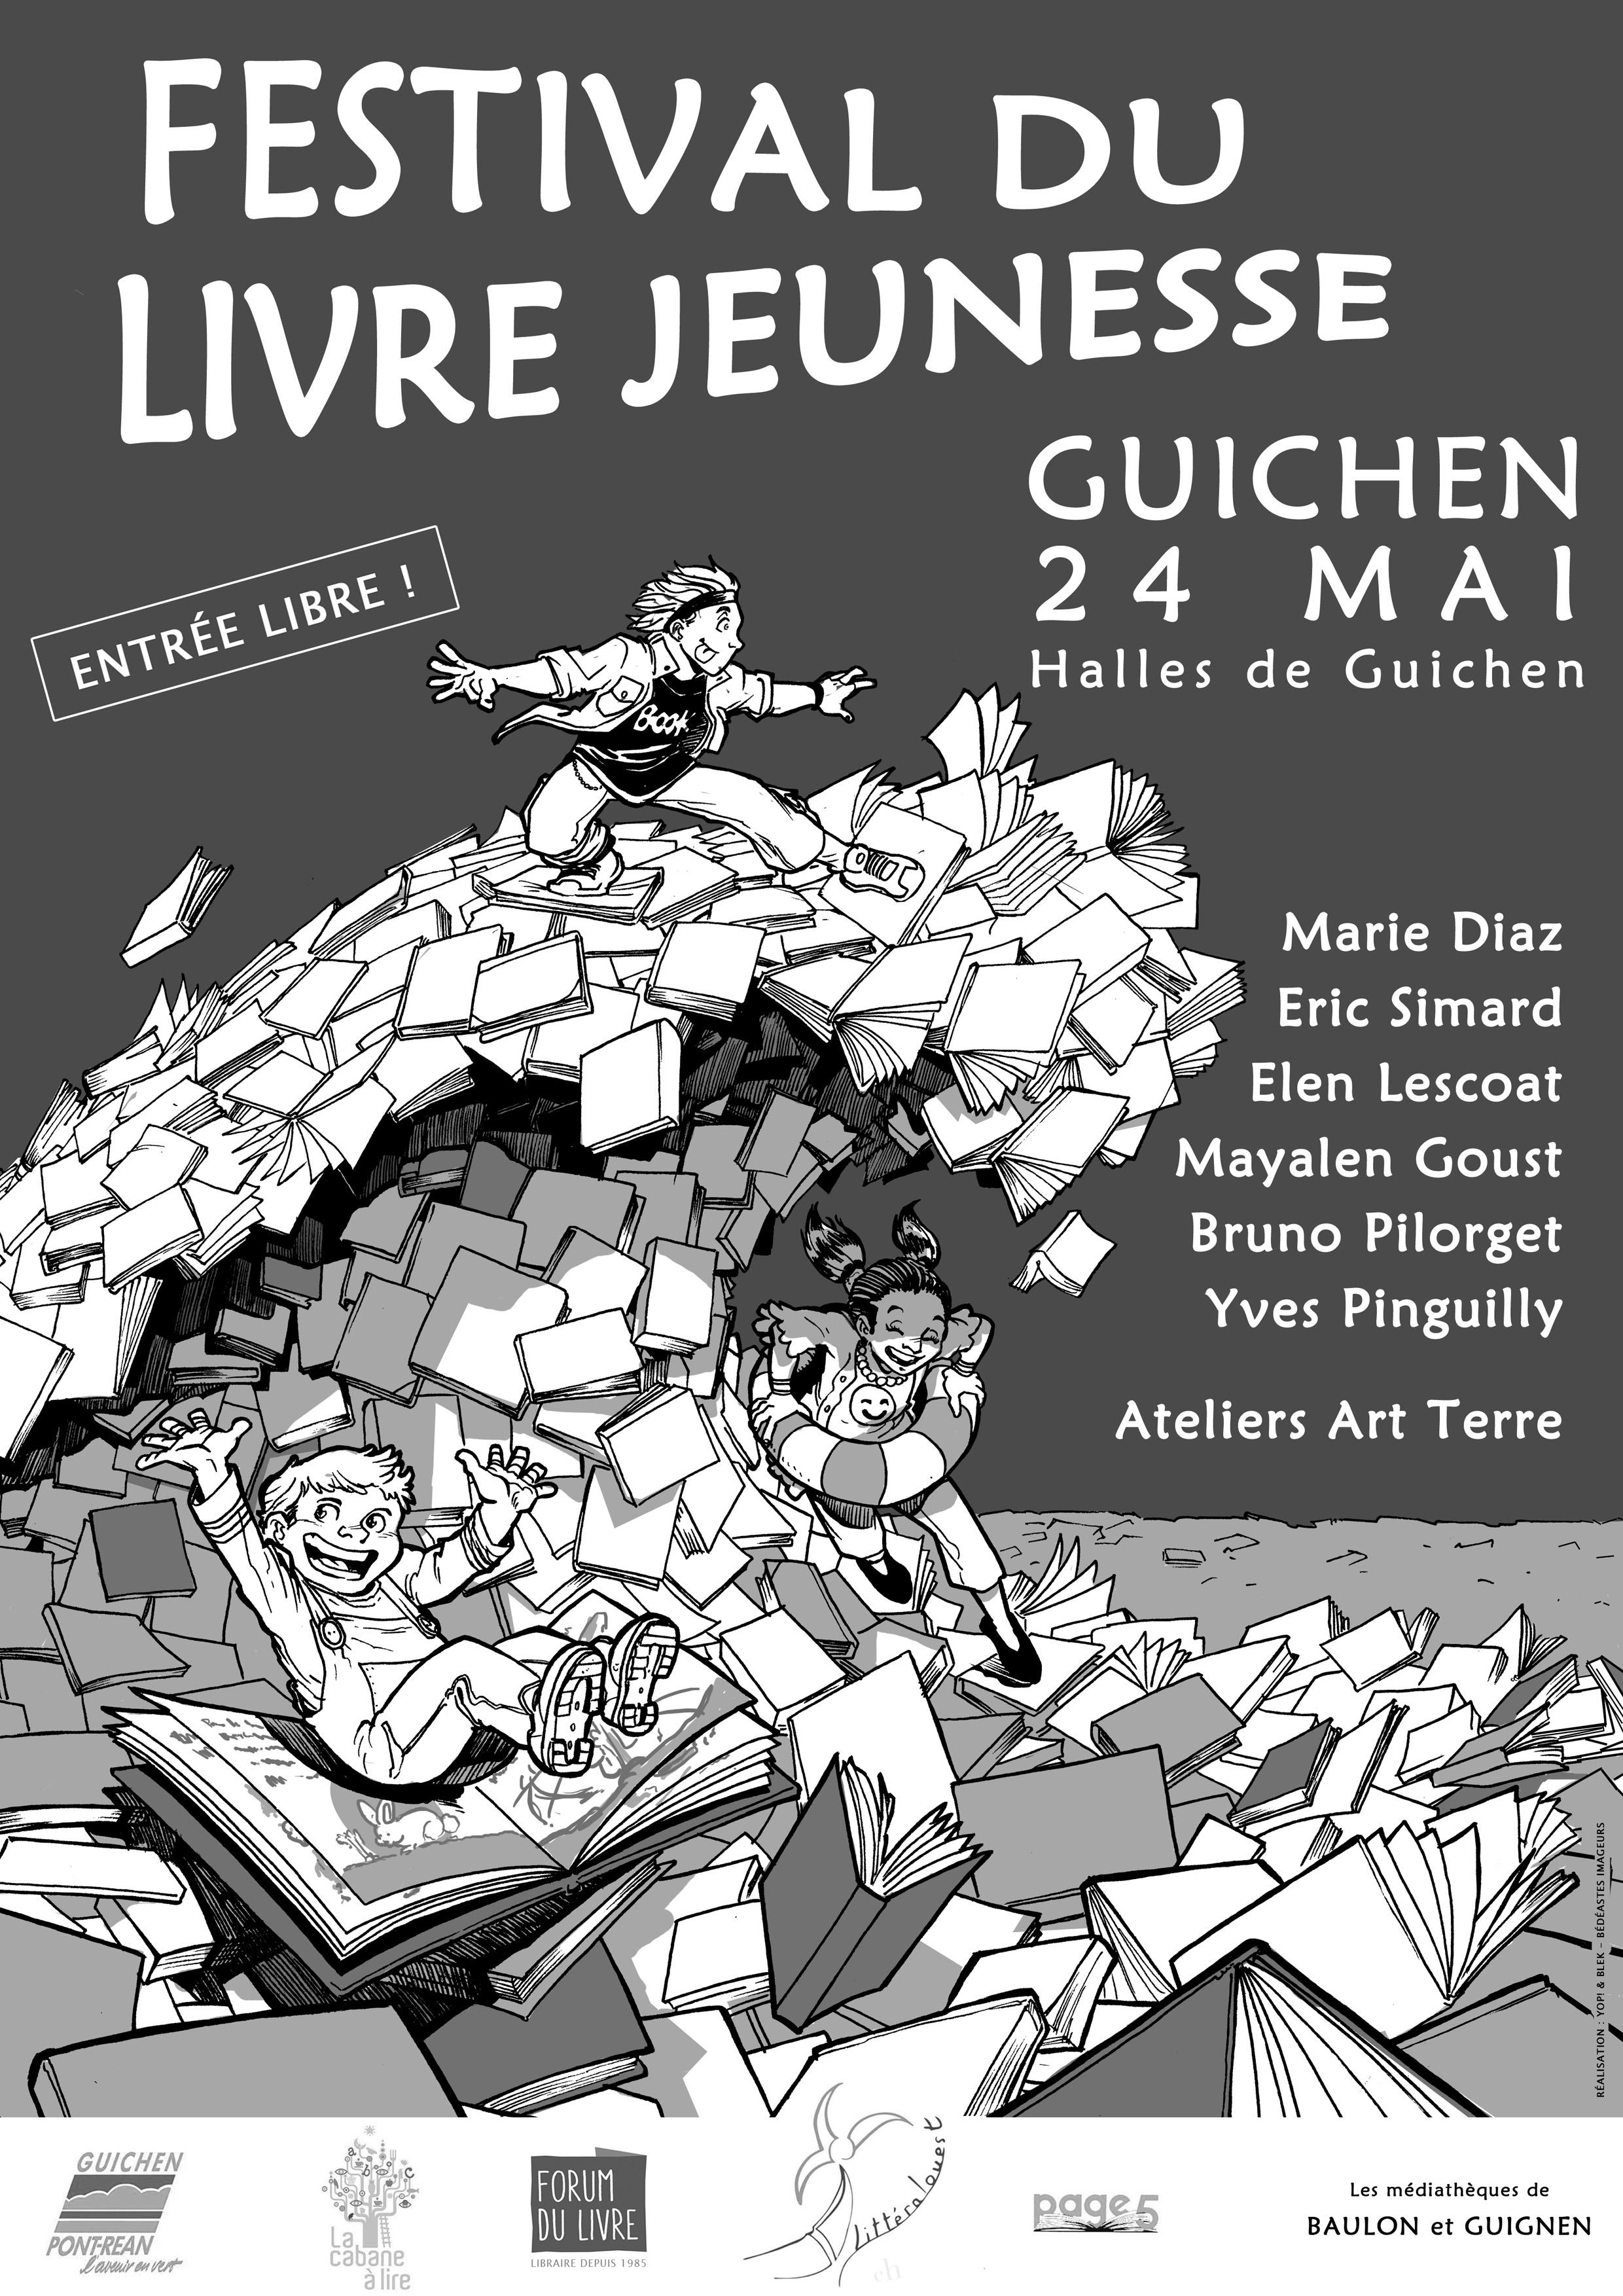 Festival 2014, 1ère édition